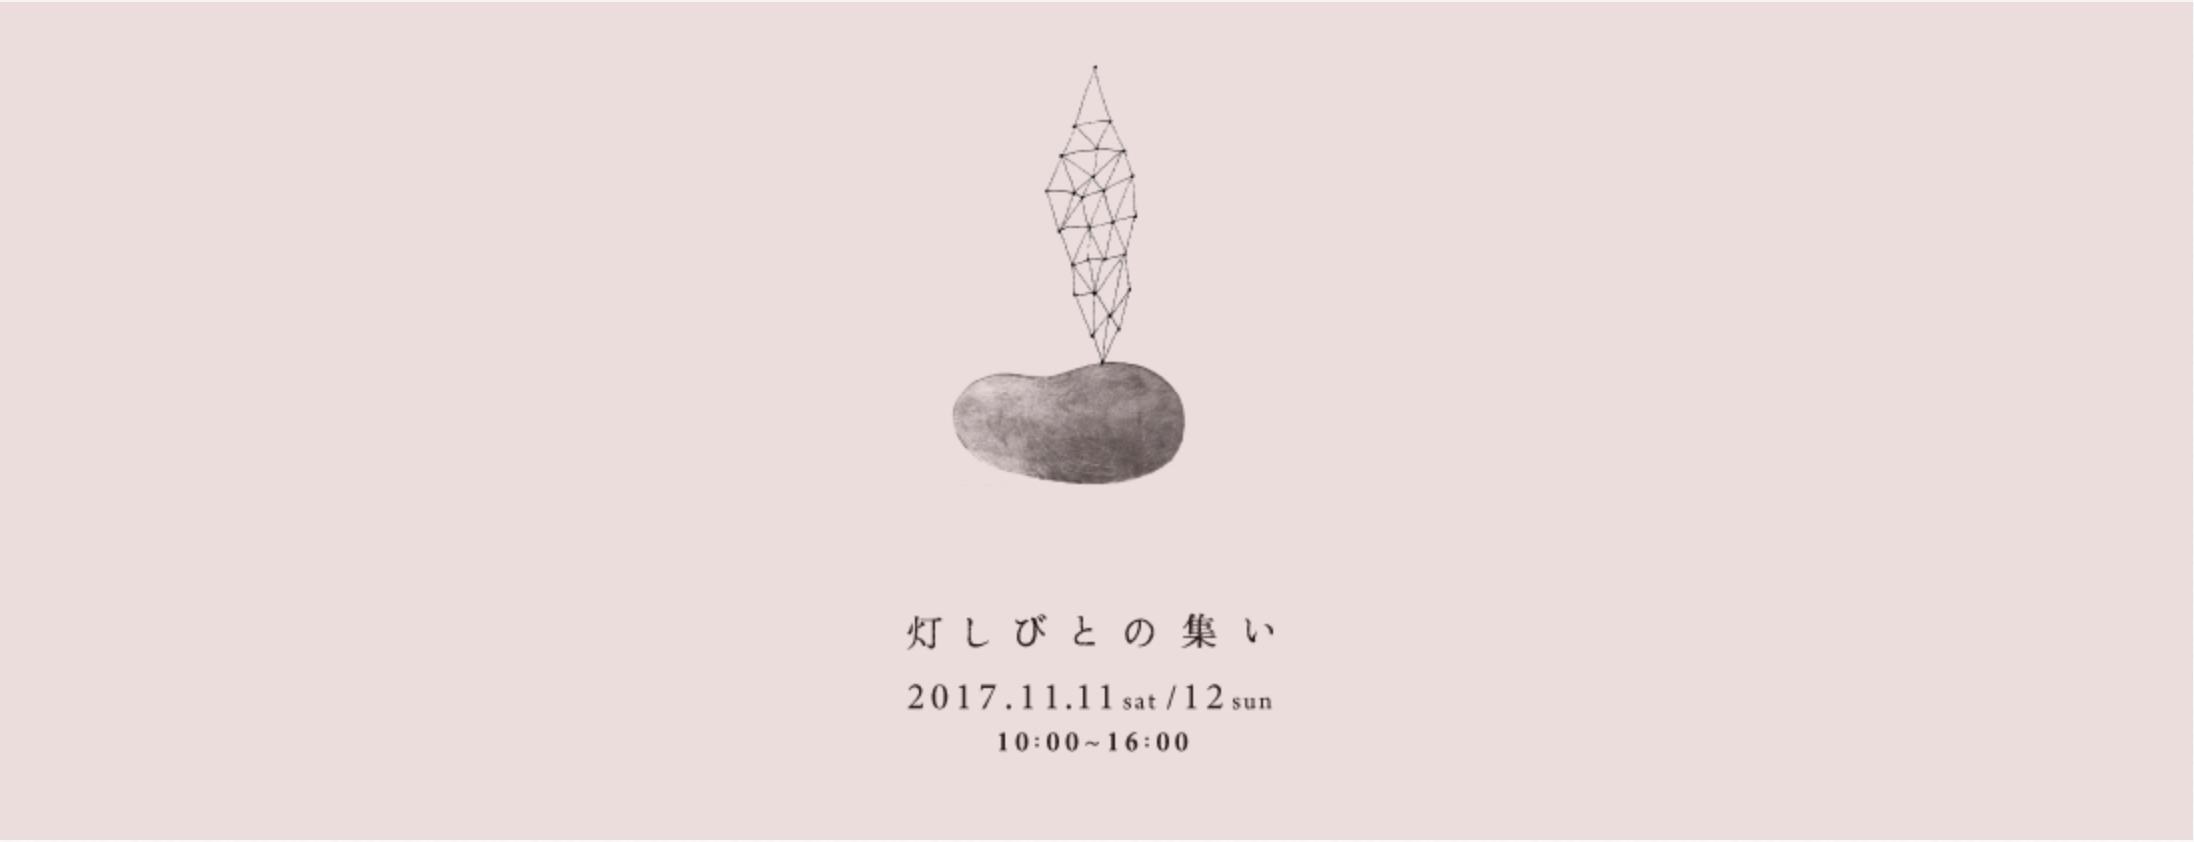 tomoshibito_2017.png